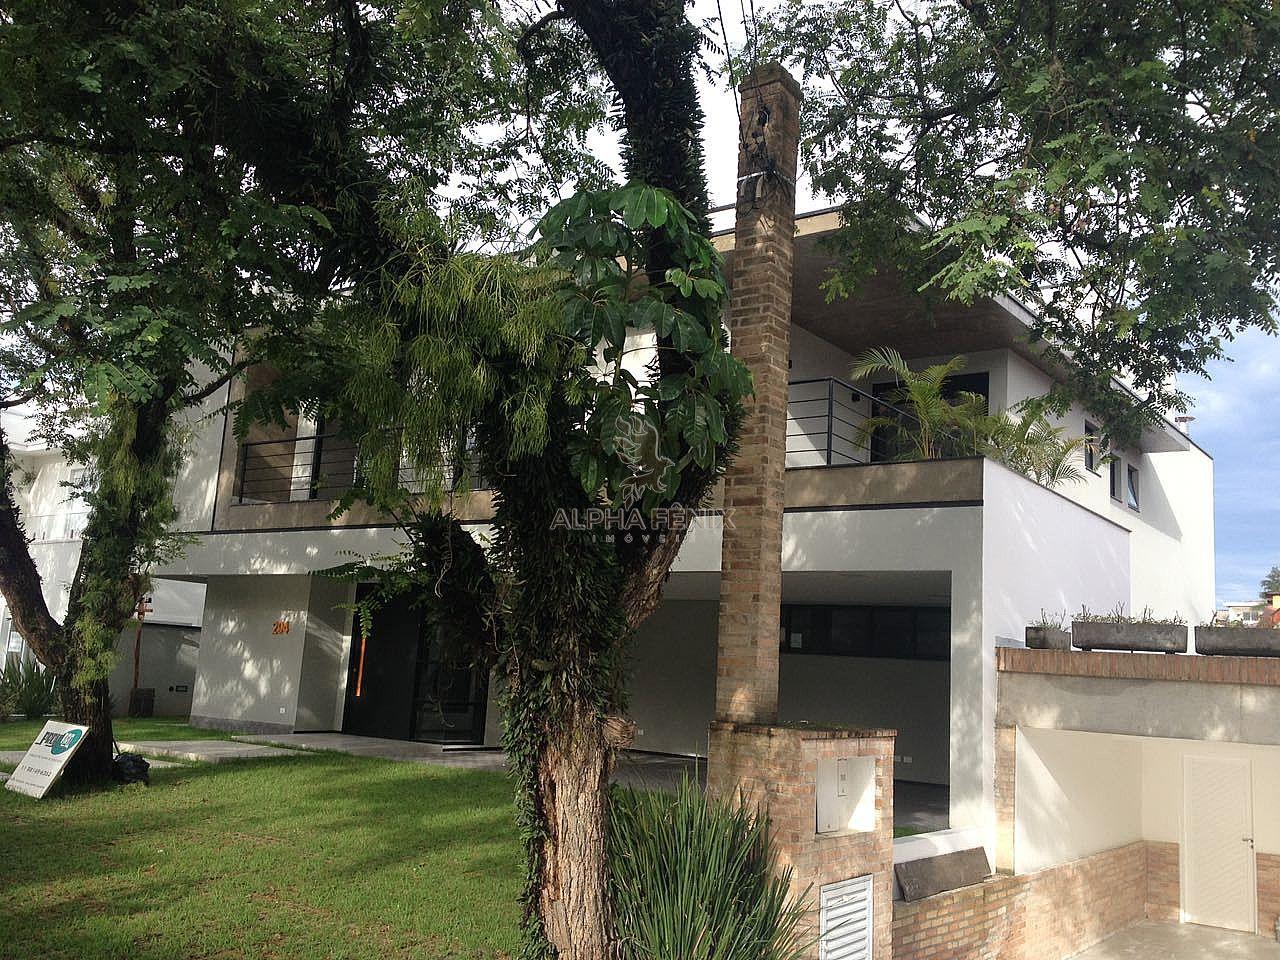 Casa de condomínio para Venda - ALPHAVILLE 12 - ALPHAVILLE/SP - Alphaville Residencial Doze